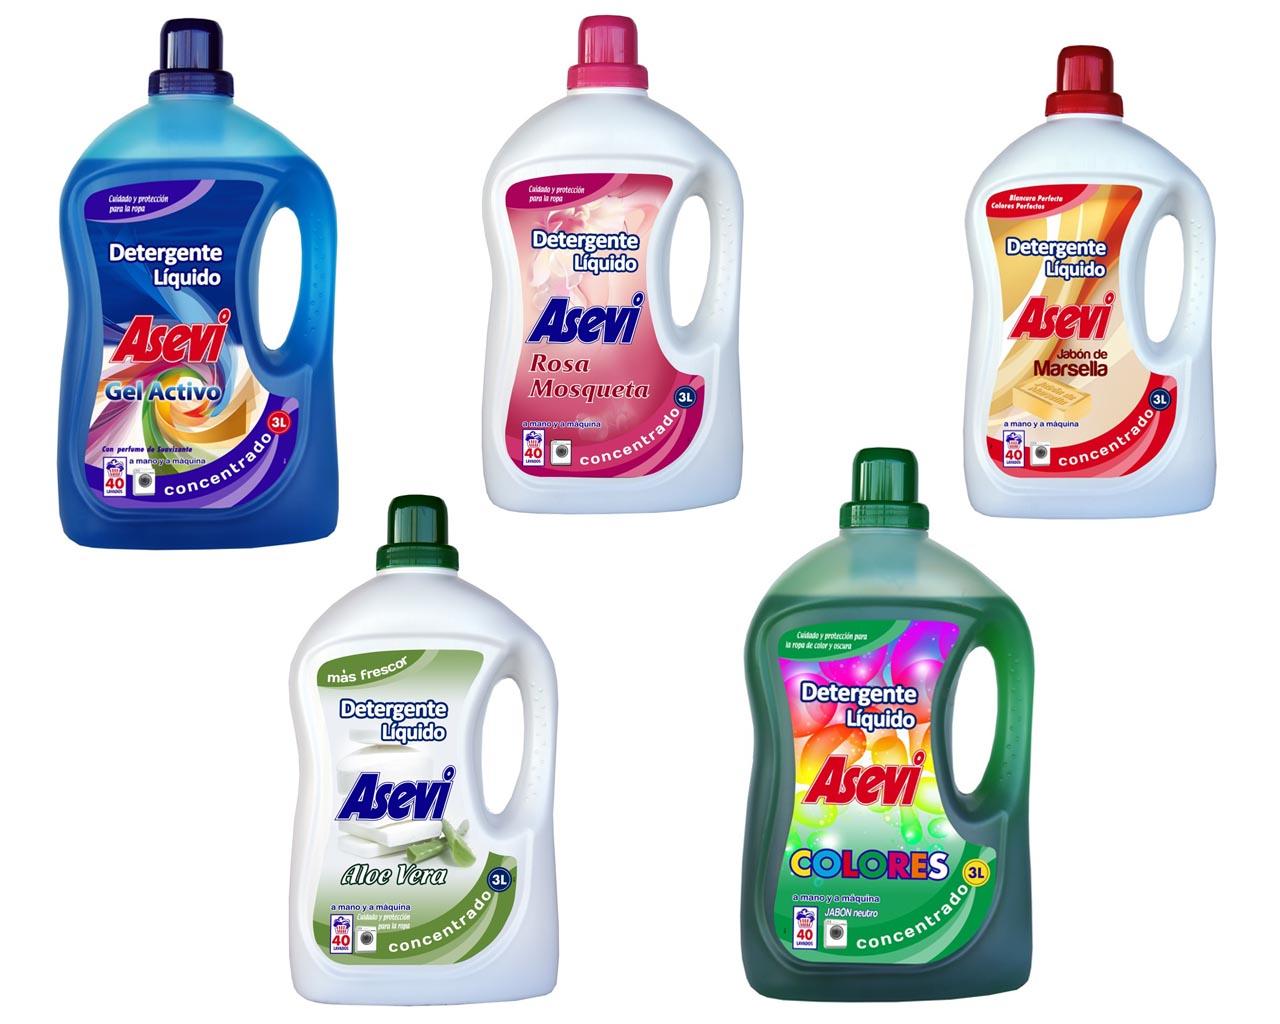 Detergente como los chorros del oro for Jabon neutro para limpiar muebles